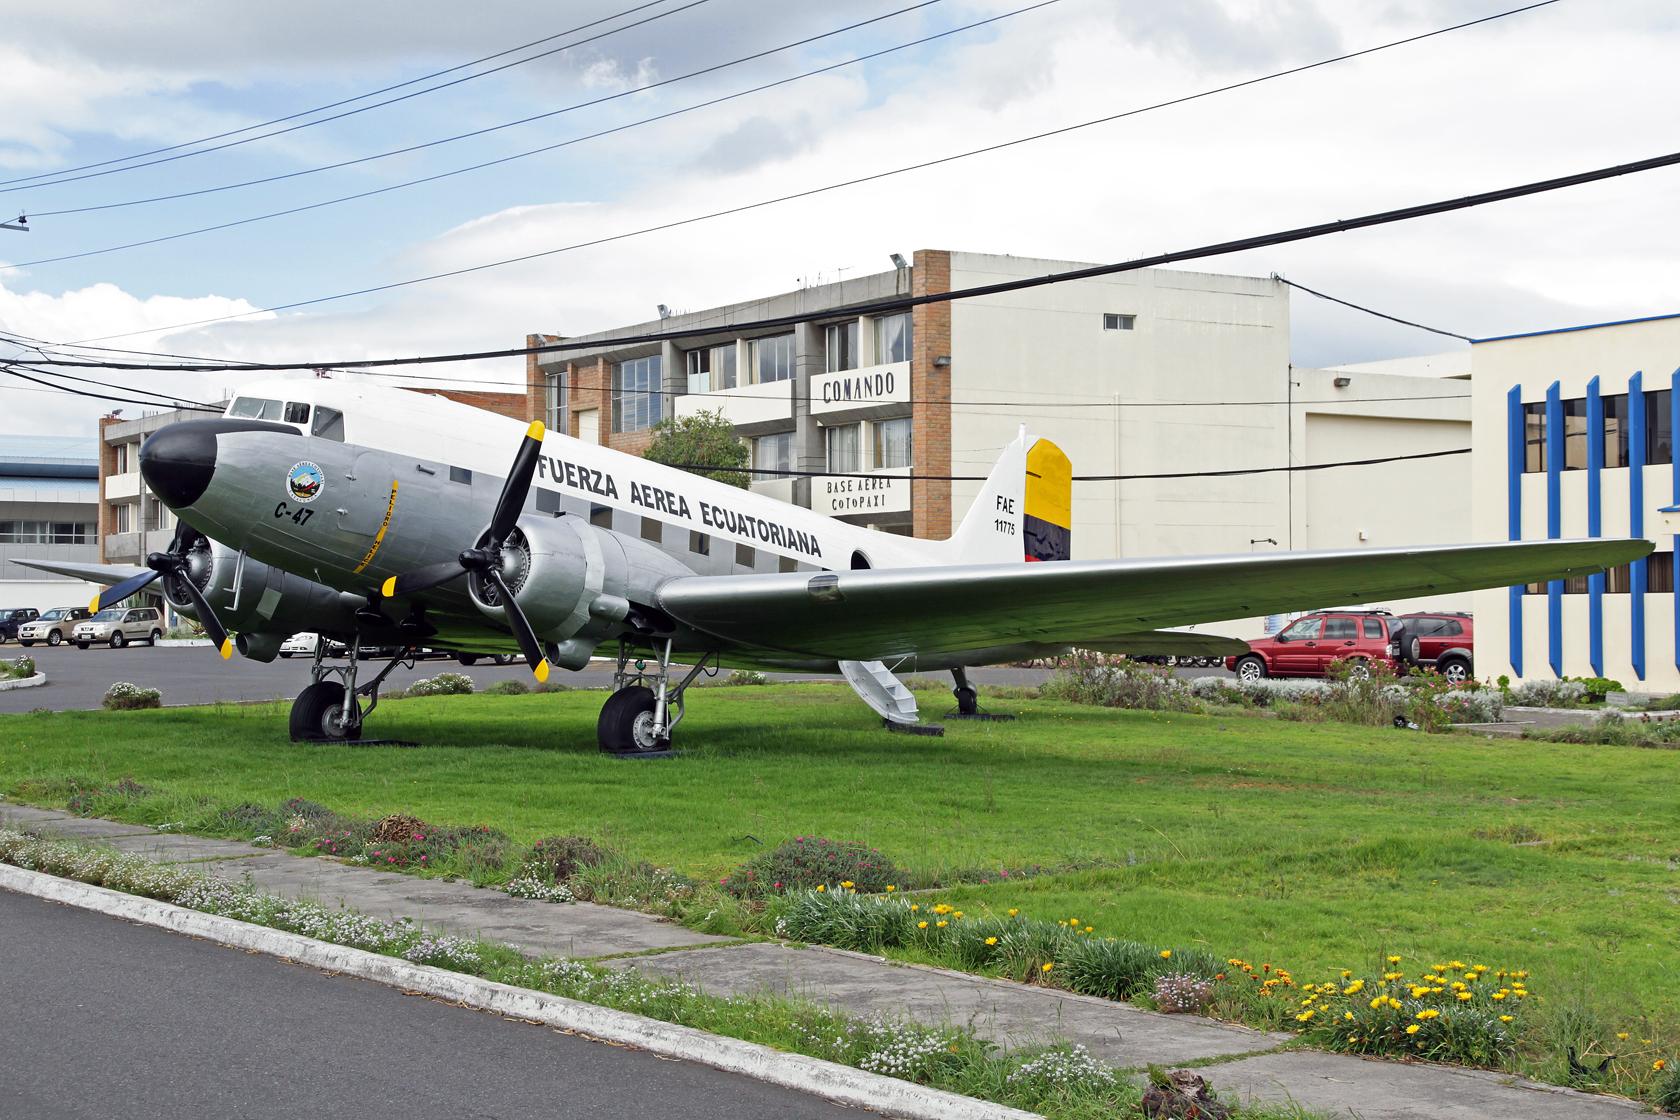 Fuerza Aérea Ecuatoriana Douglas C-53D Skytrooper FAE-11747 - Die auf der Maschine befindliche Registrierung ist nicht ganz richtig...